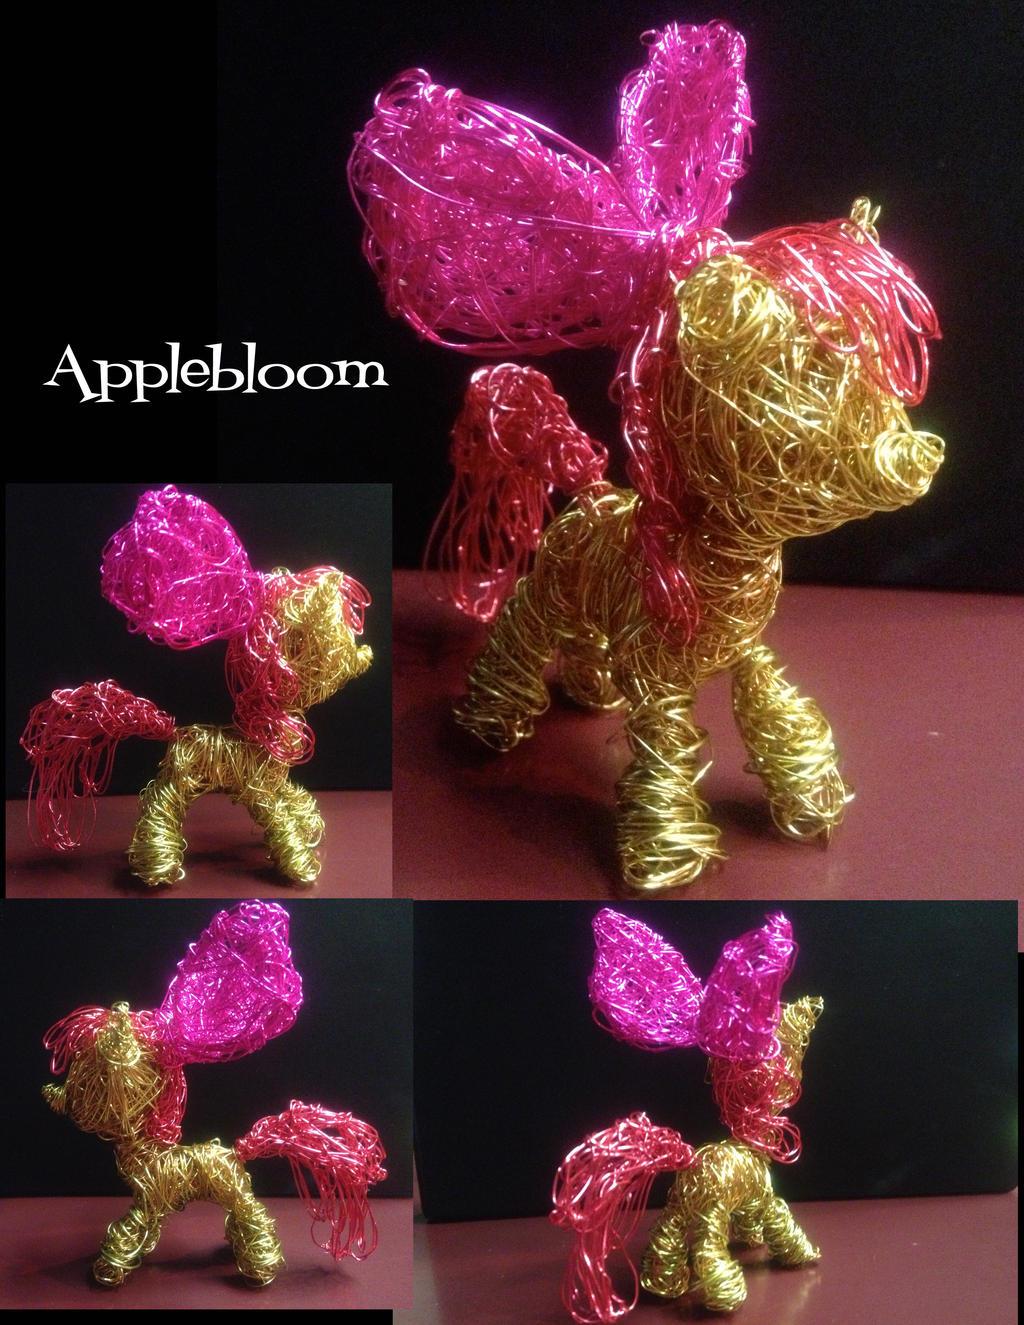 Applebloom by shottsy85